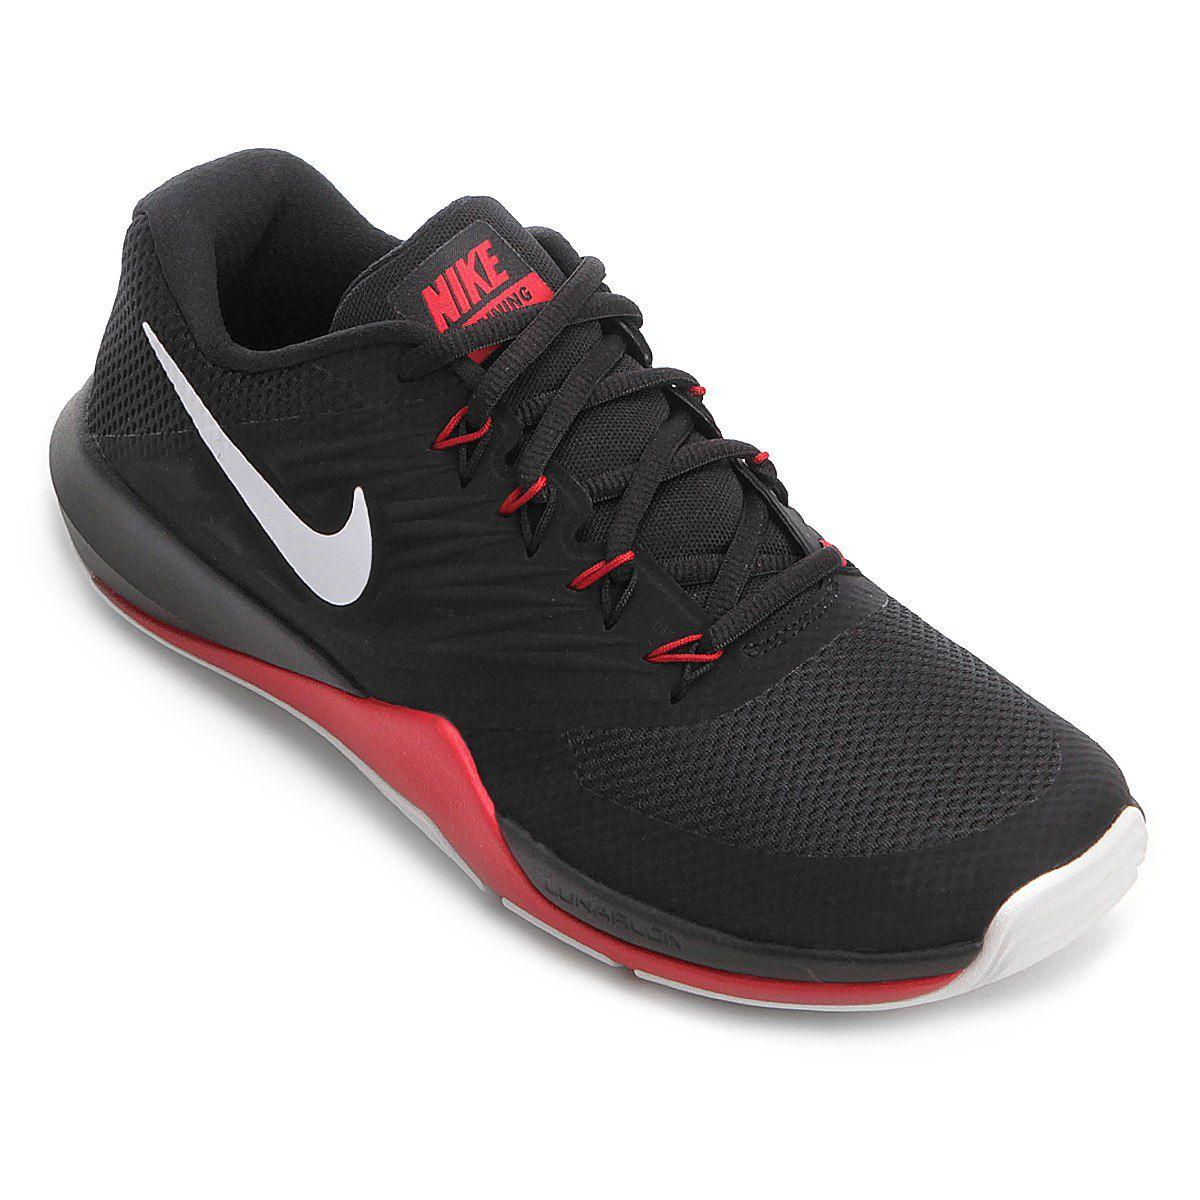 Tênis Masculino Nike Lunar Prime Iron Ii